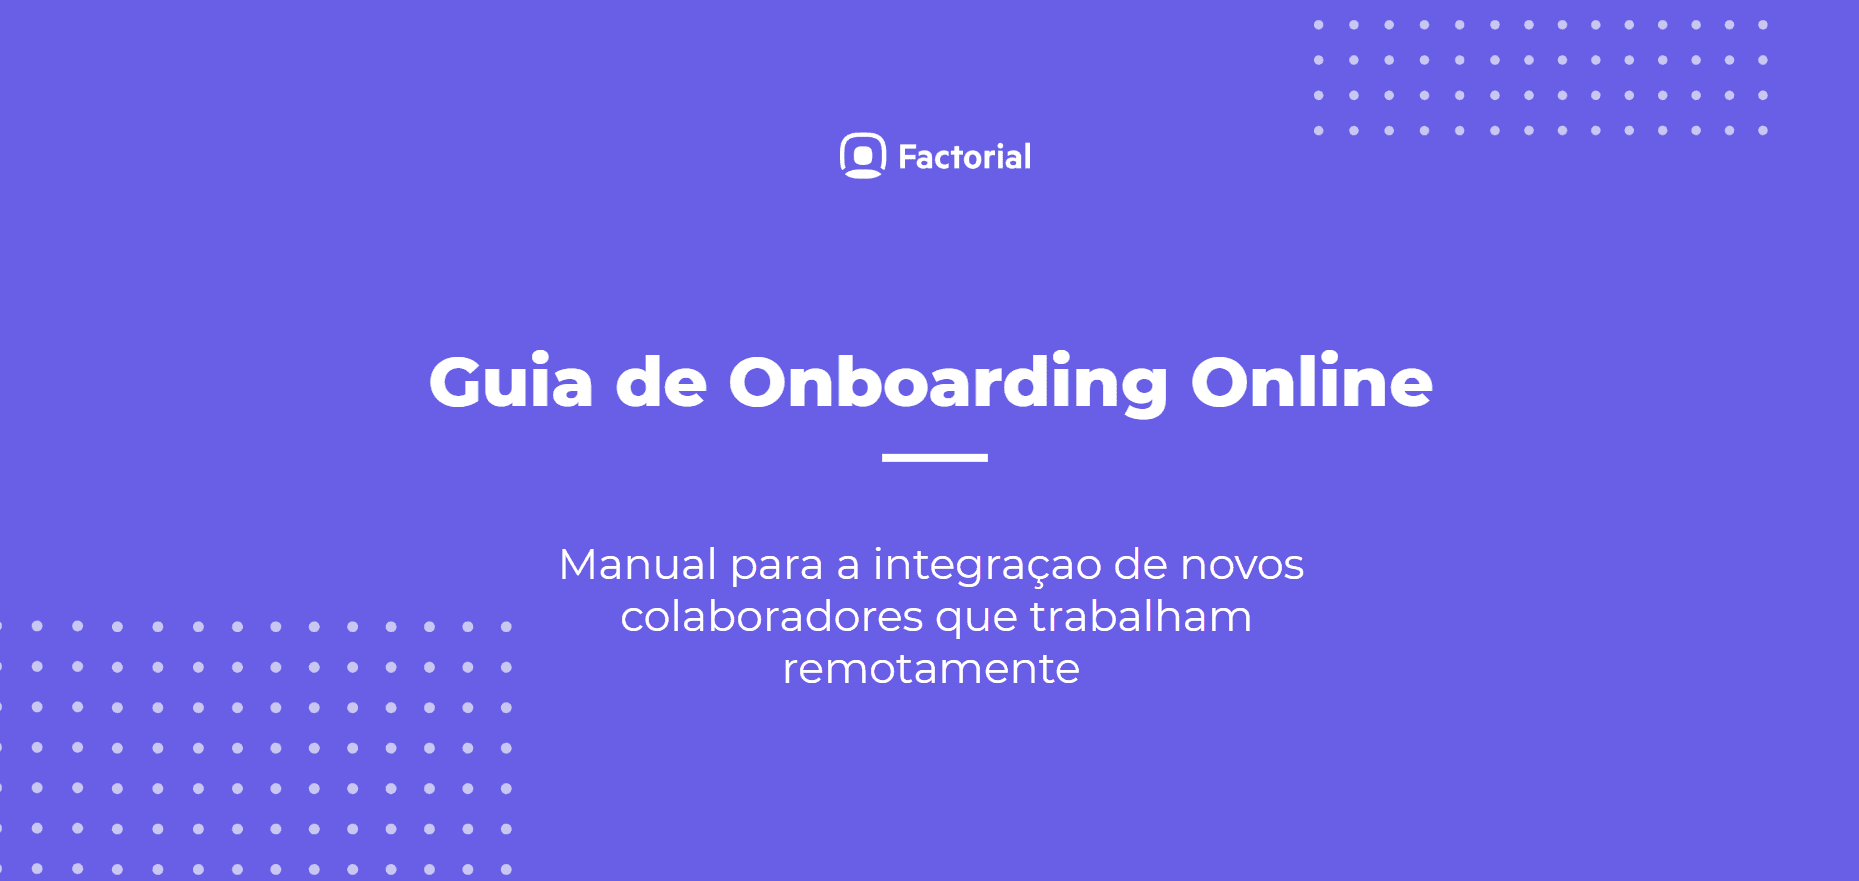 Guia-onboarding-online